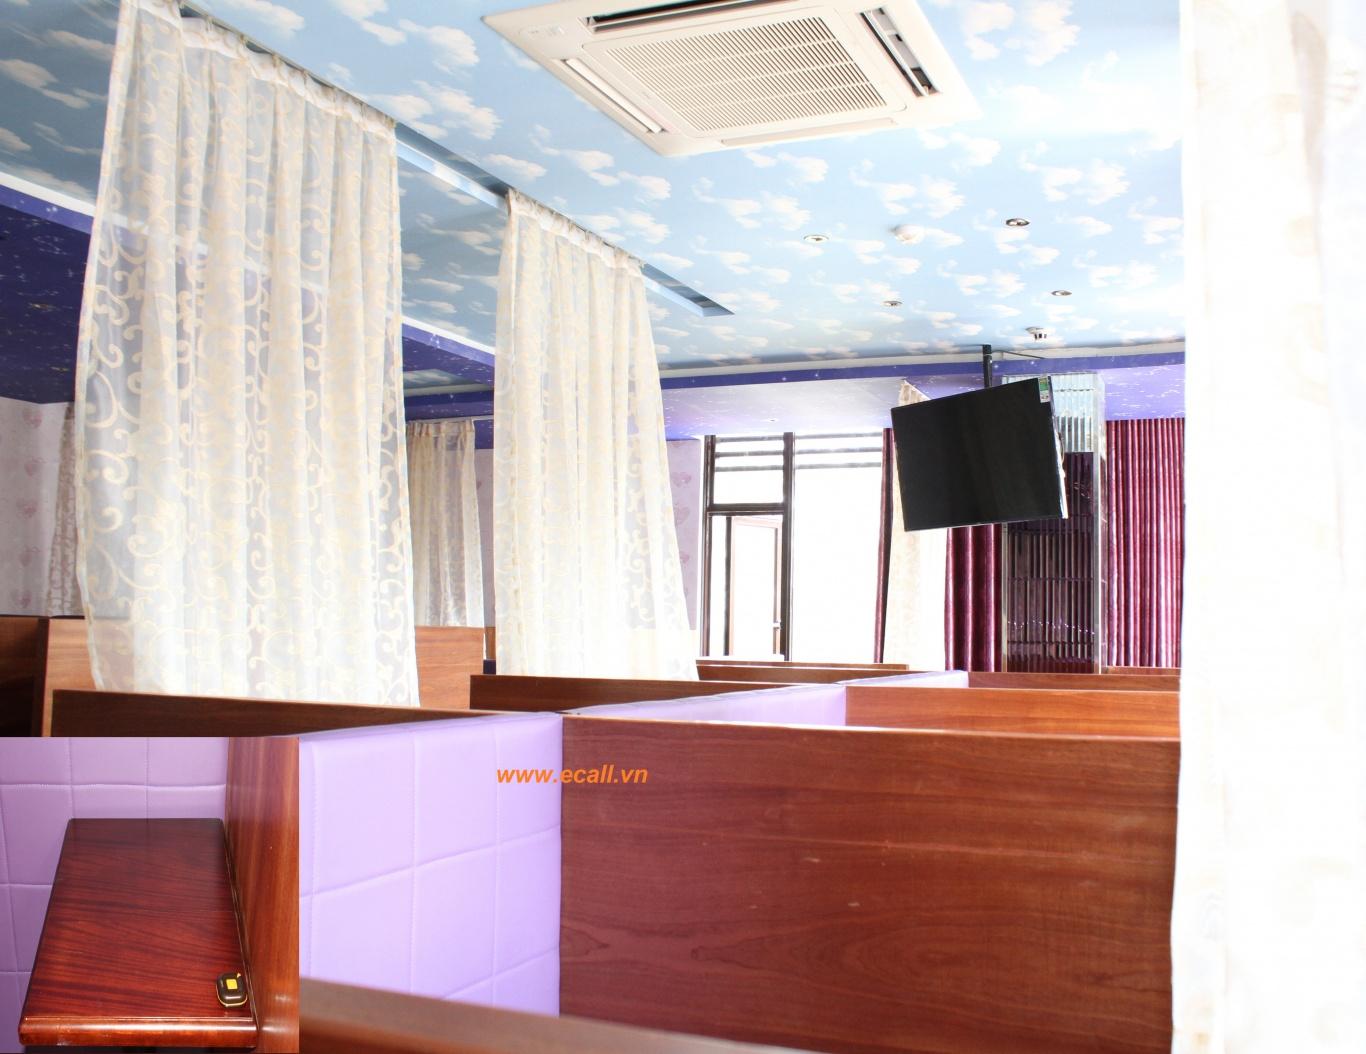 Ecall triển khai chuông gọi phục vụ tại MTP coffee & lounge-4